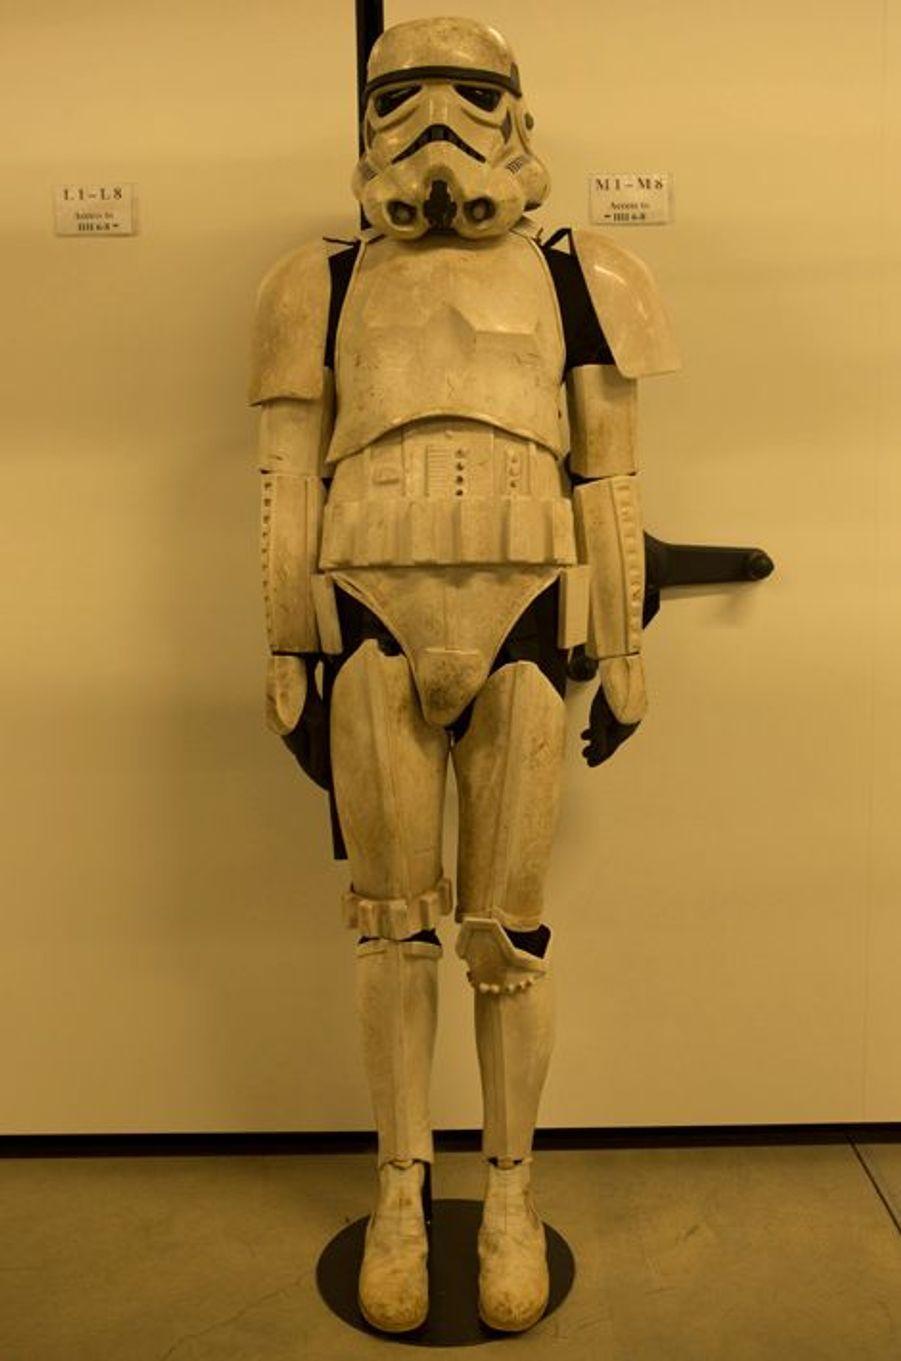 Un stormtrooper rescapé de nombreuses batailles.